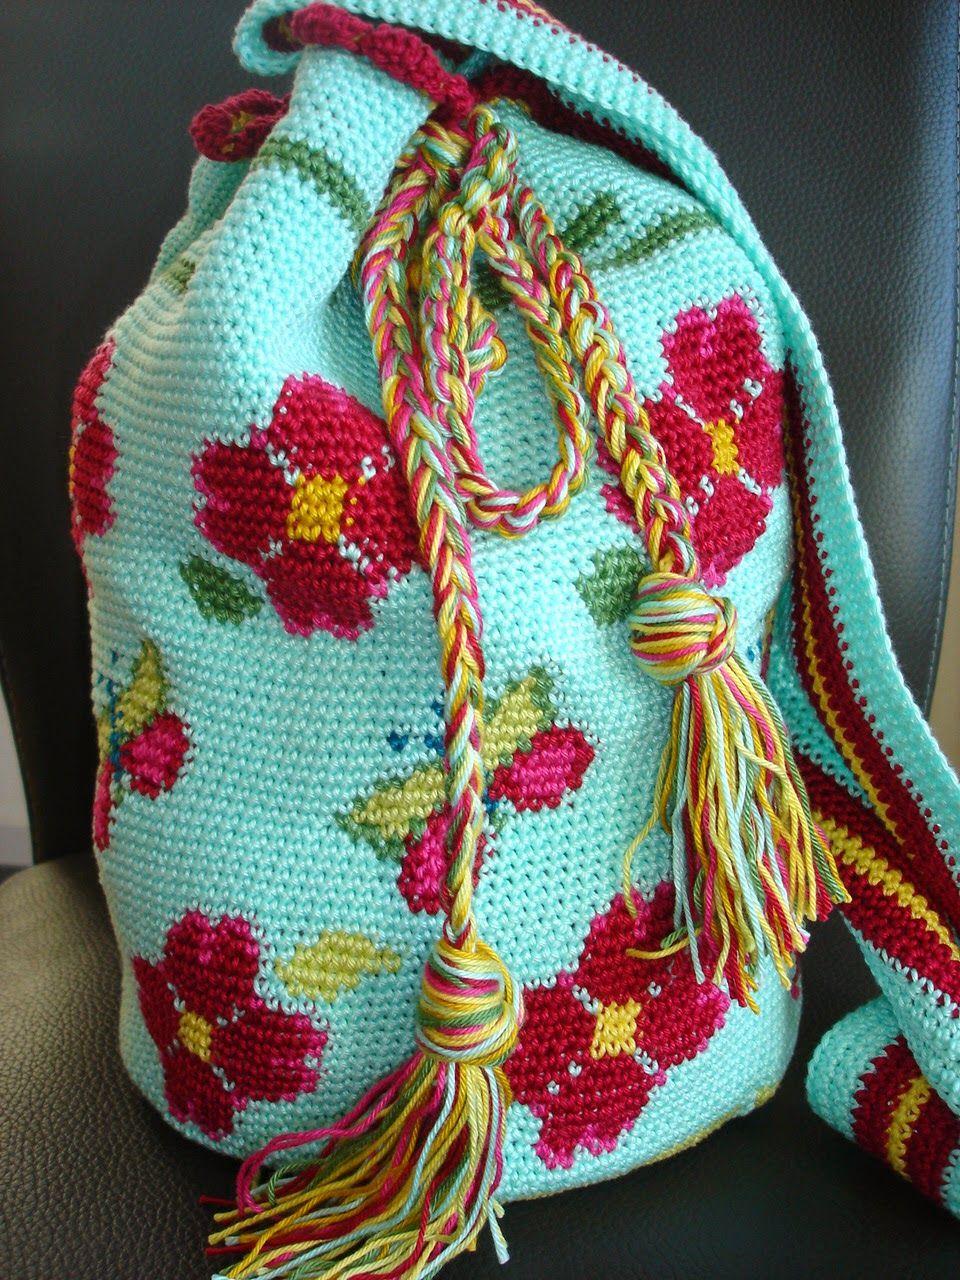 Look HaakpatroonTapestry Mochila Haken A Like Bag Wayuu 0ON8mwnv